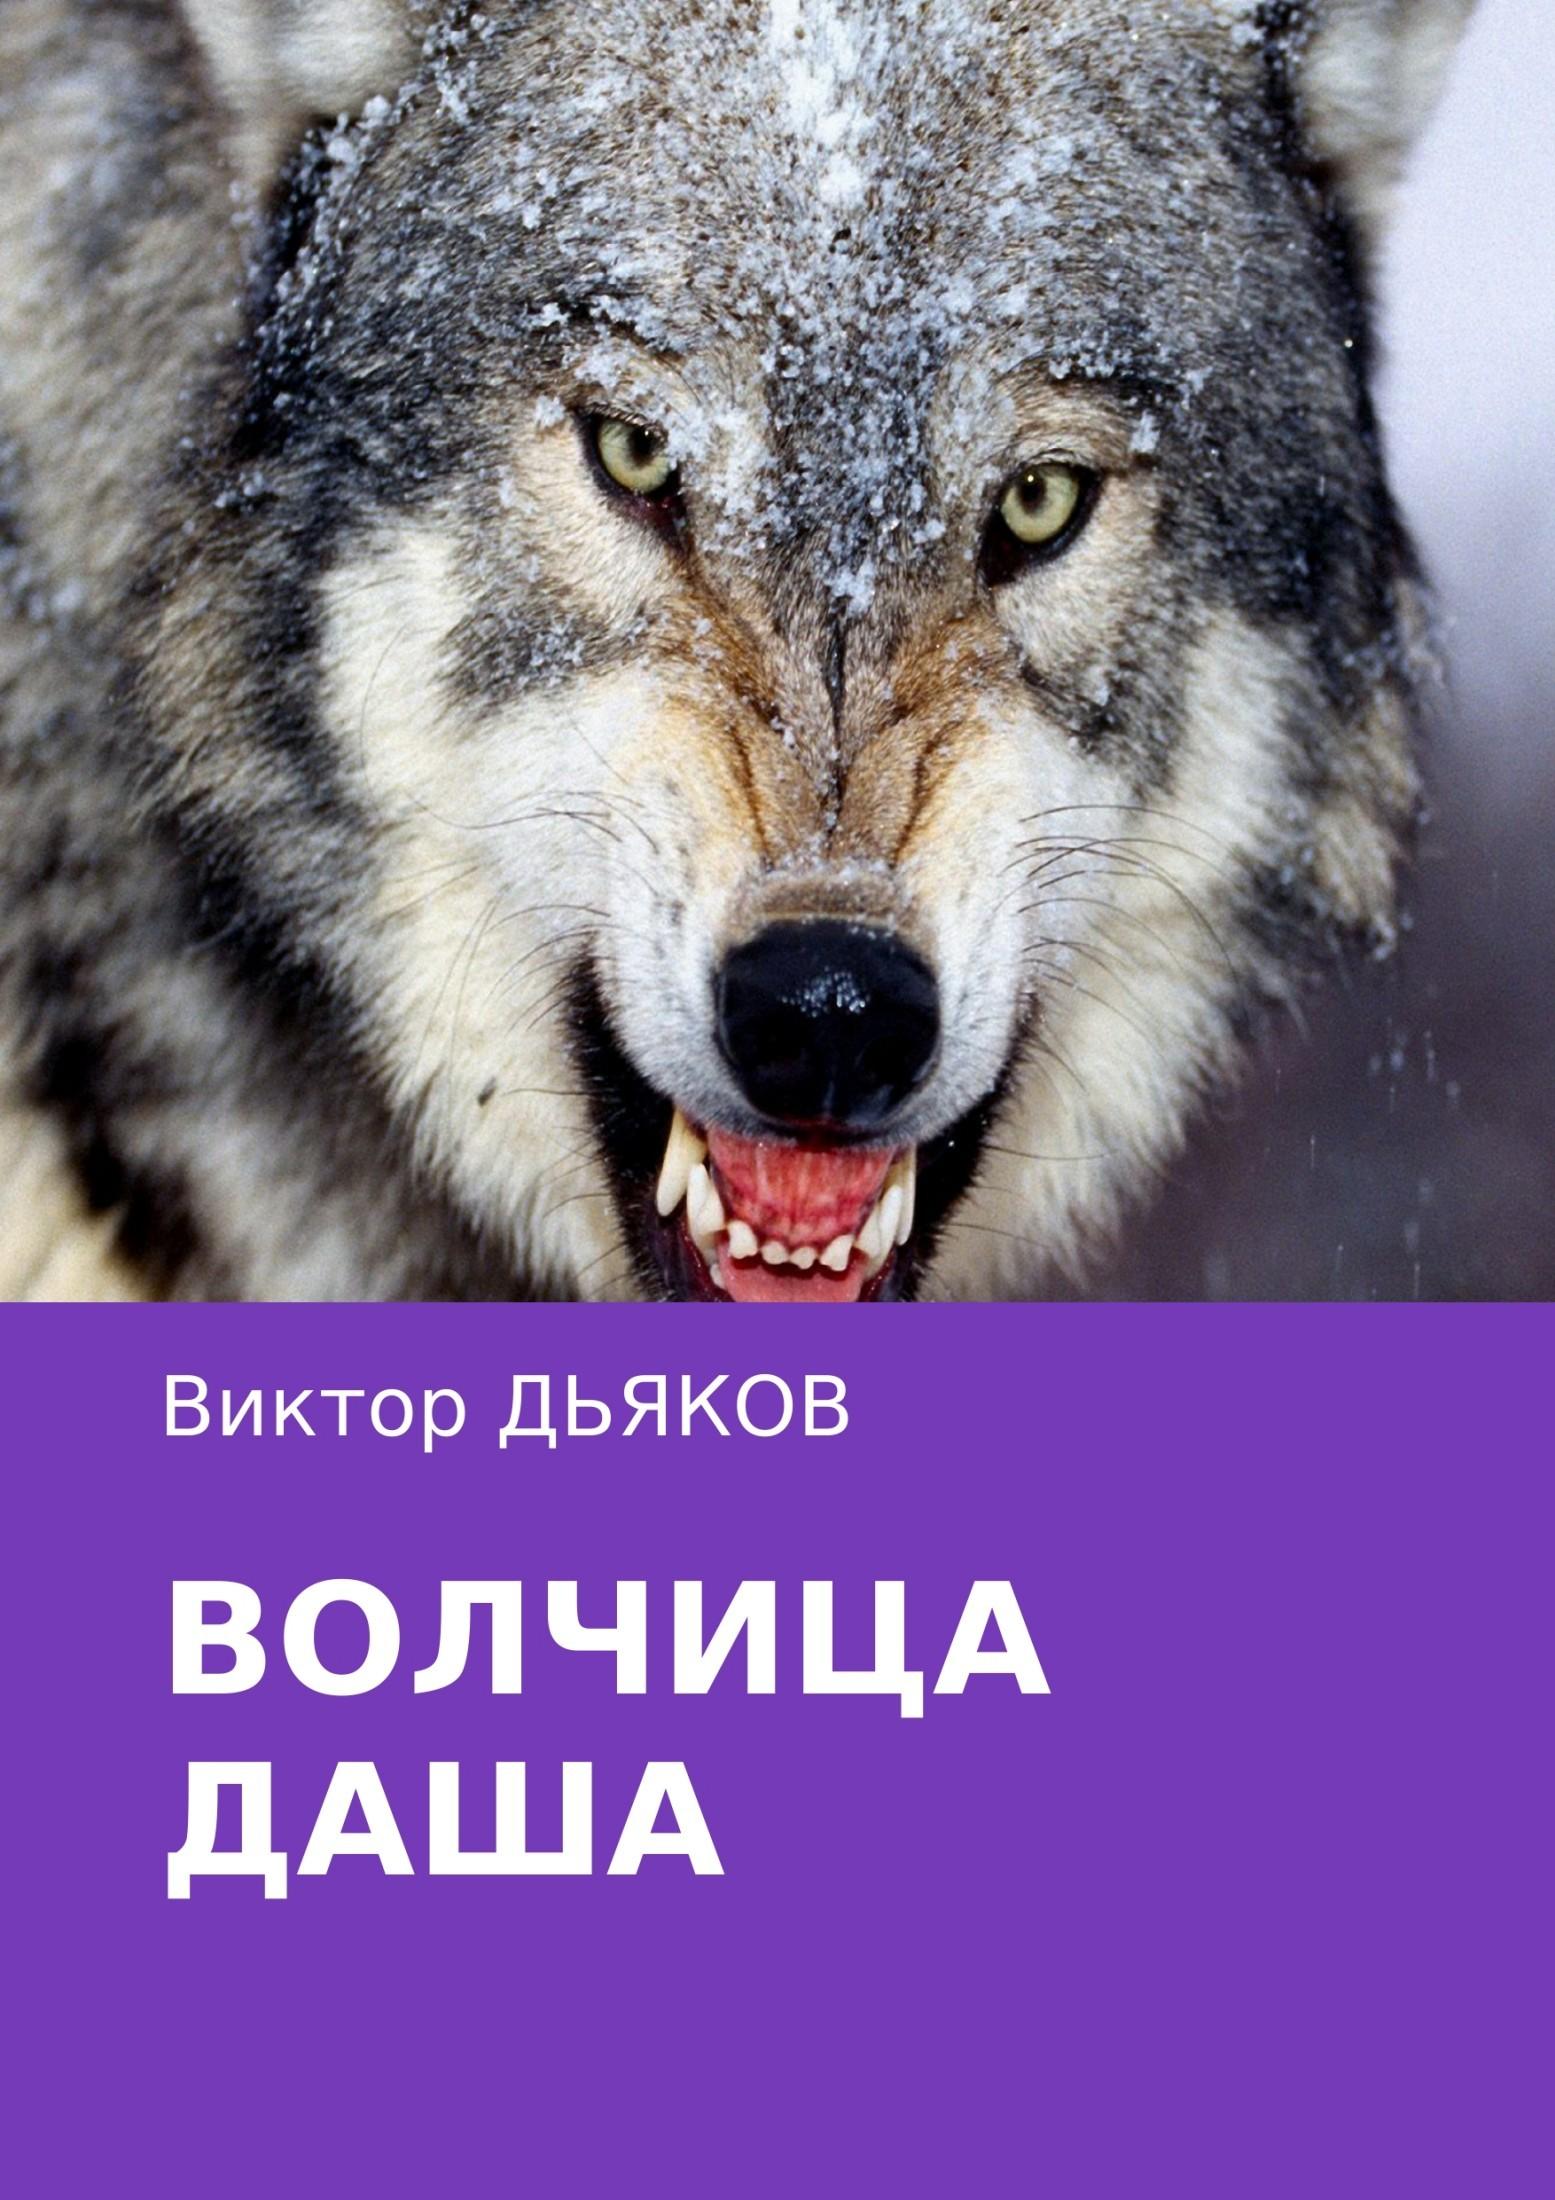 Волчица Даша